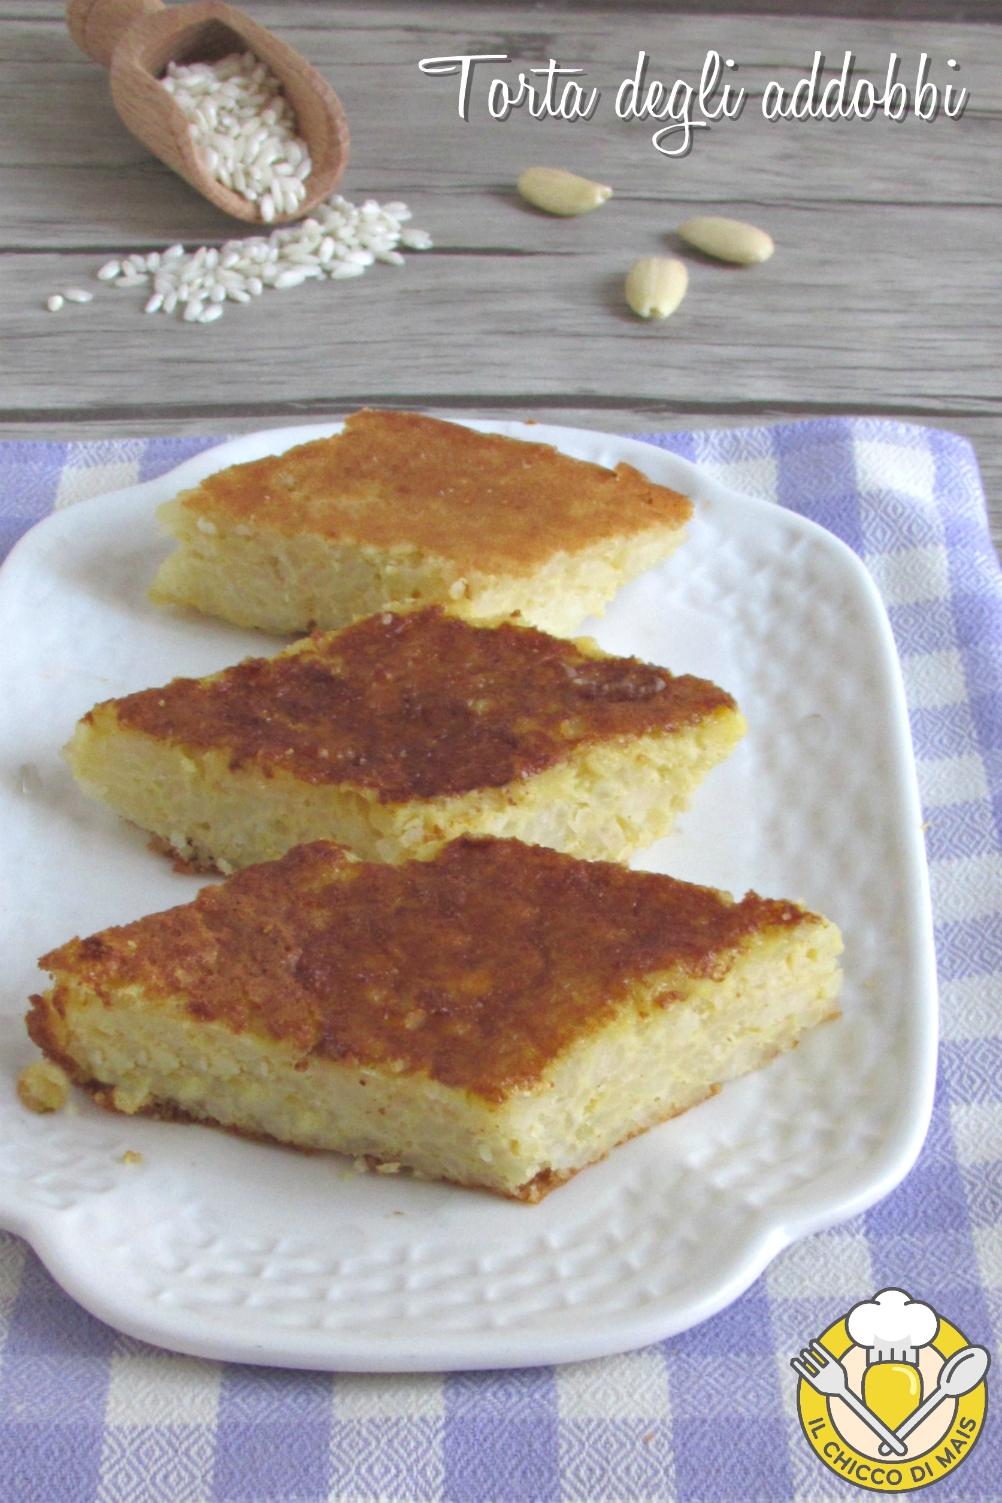 v_ torta degli addobbi o torta di riso emiliana bolognese ricetta originale dolce di riso senza farina il chicco di mais